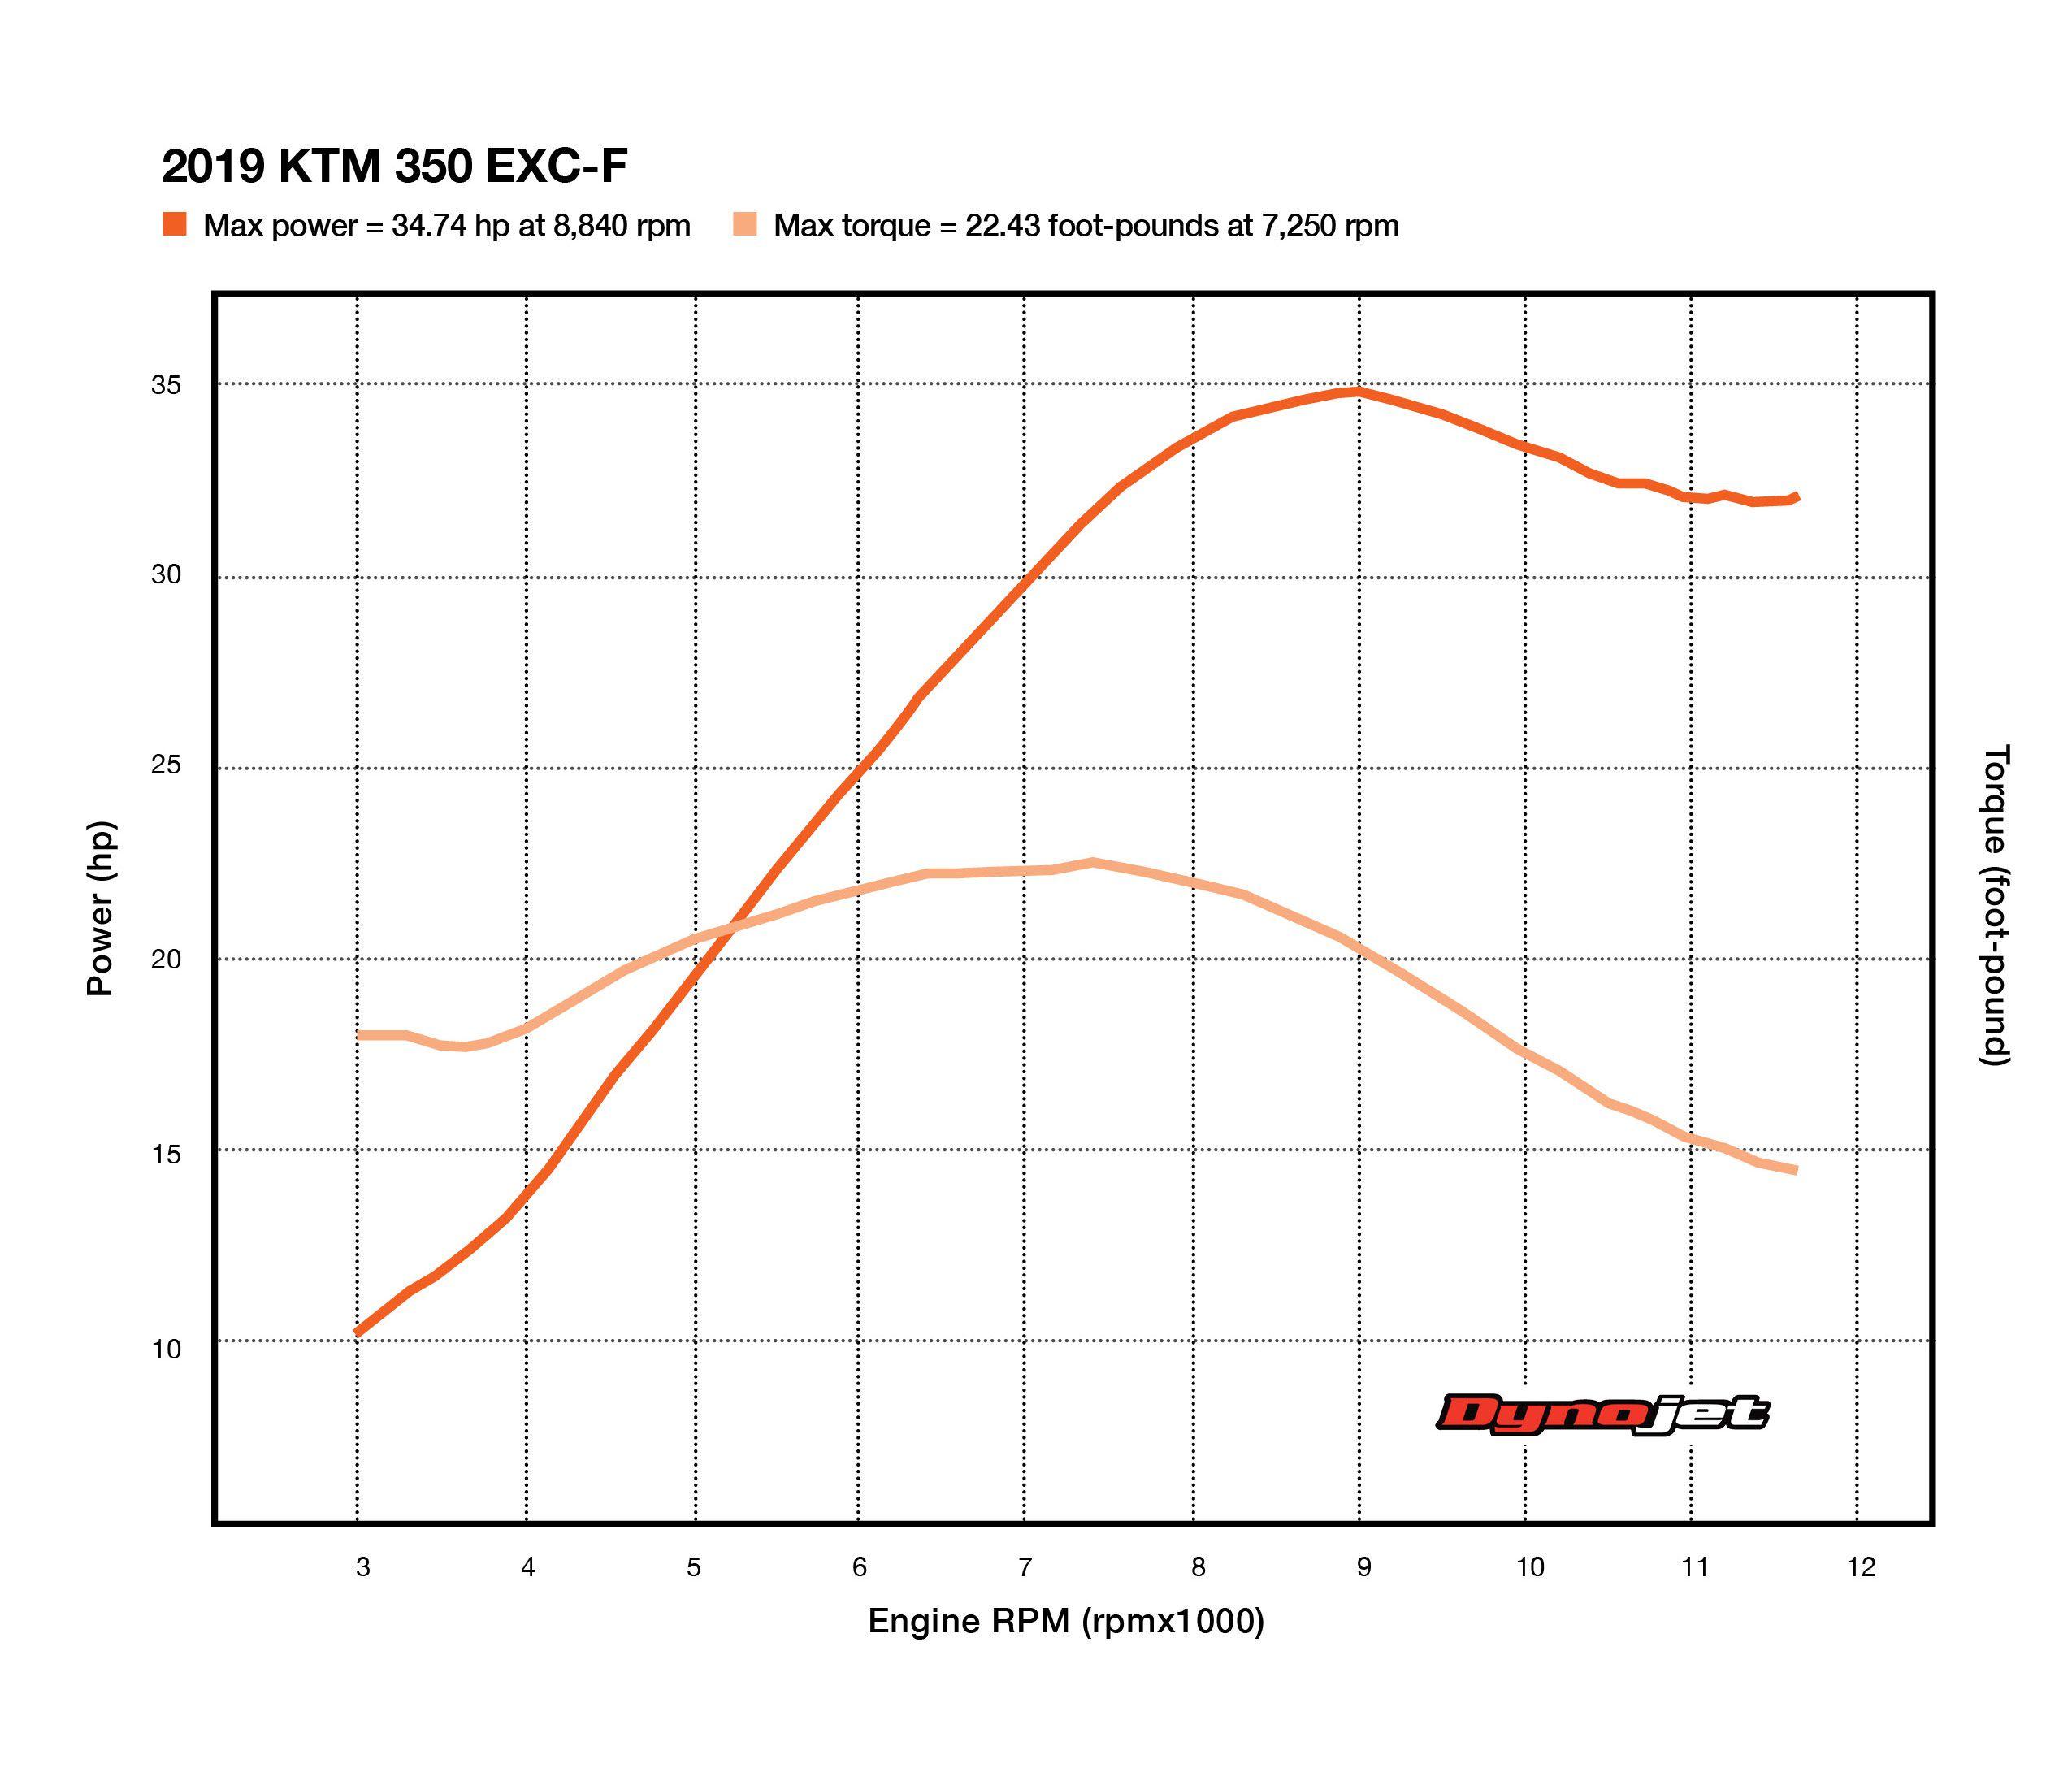 2019 KTM 350 EXC-F Dyno Test   Dirt Rider